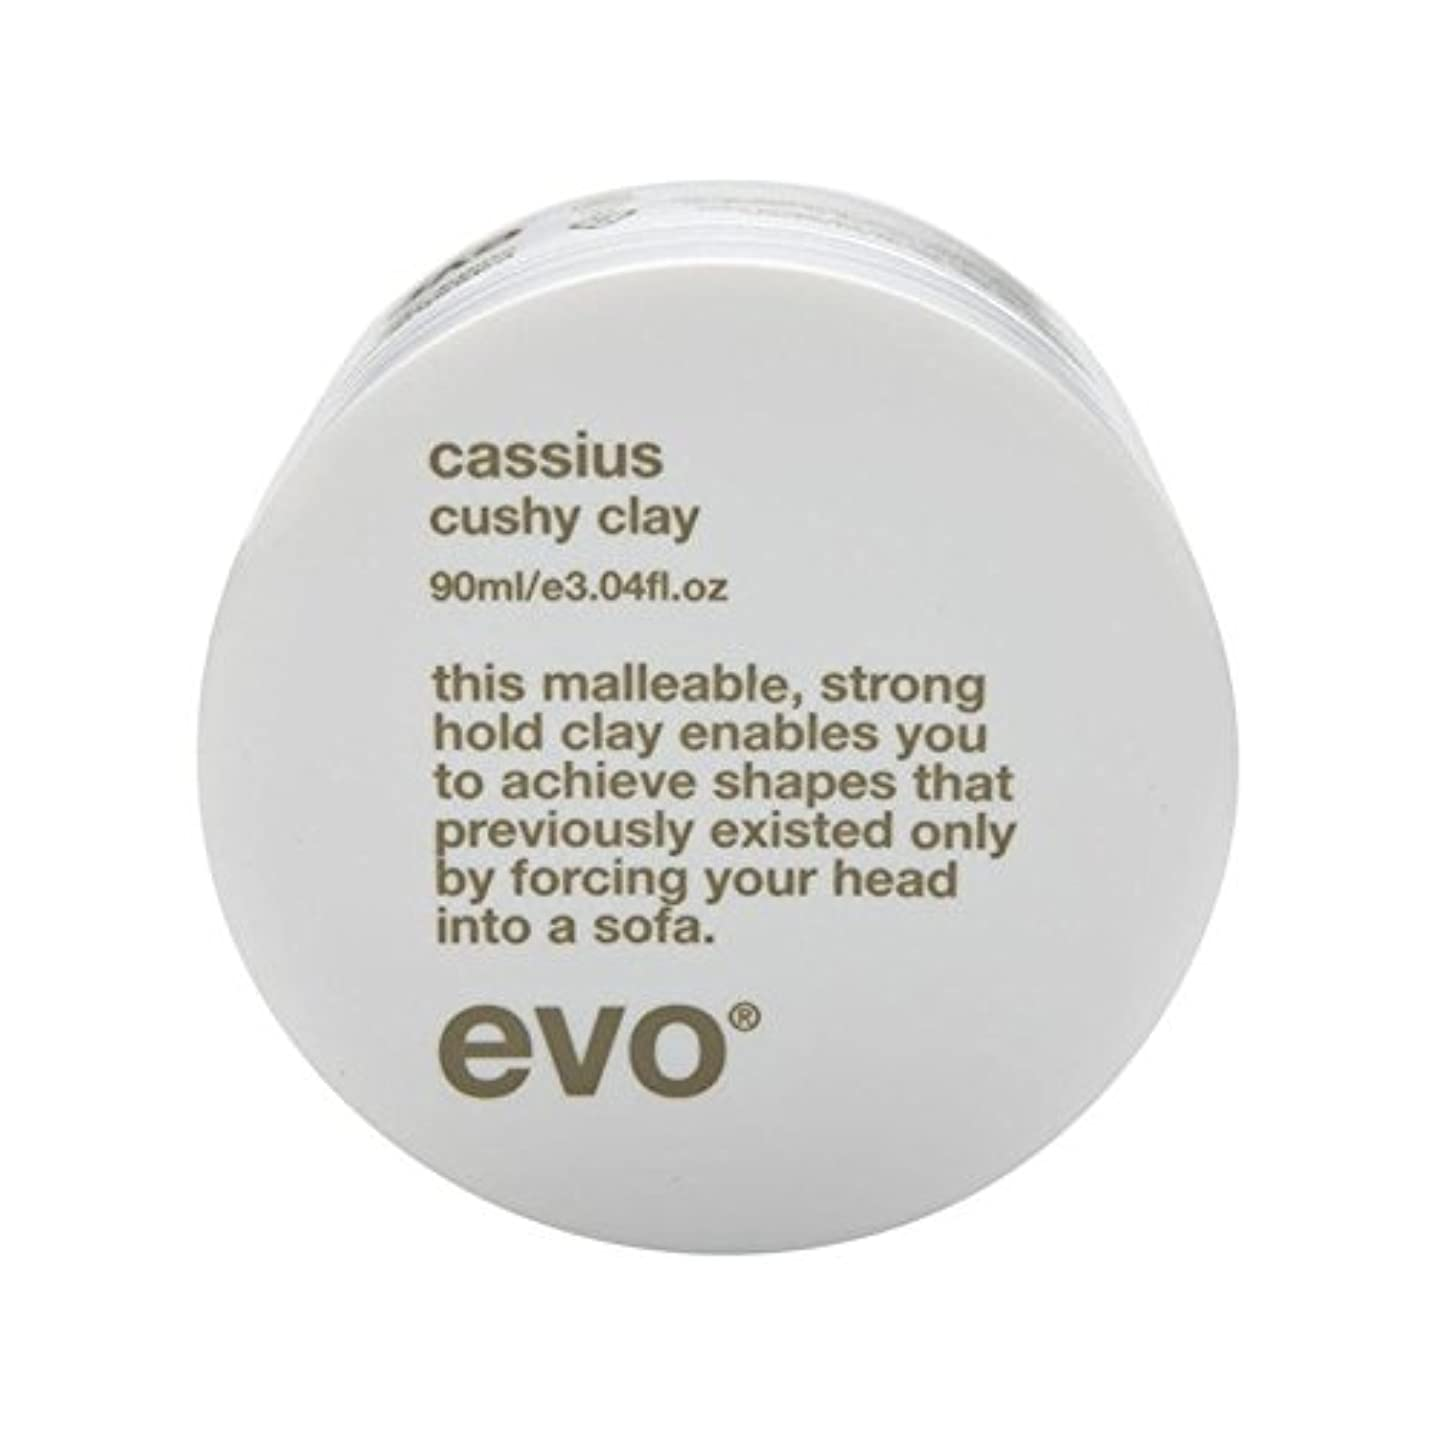 悪因子繊毛禁止するエボカシウス楽な粘土90グラム x4 - Evo Cassius Cushy Clay 90G (Pack of 4) [並行輸入品]